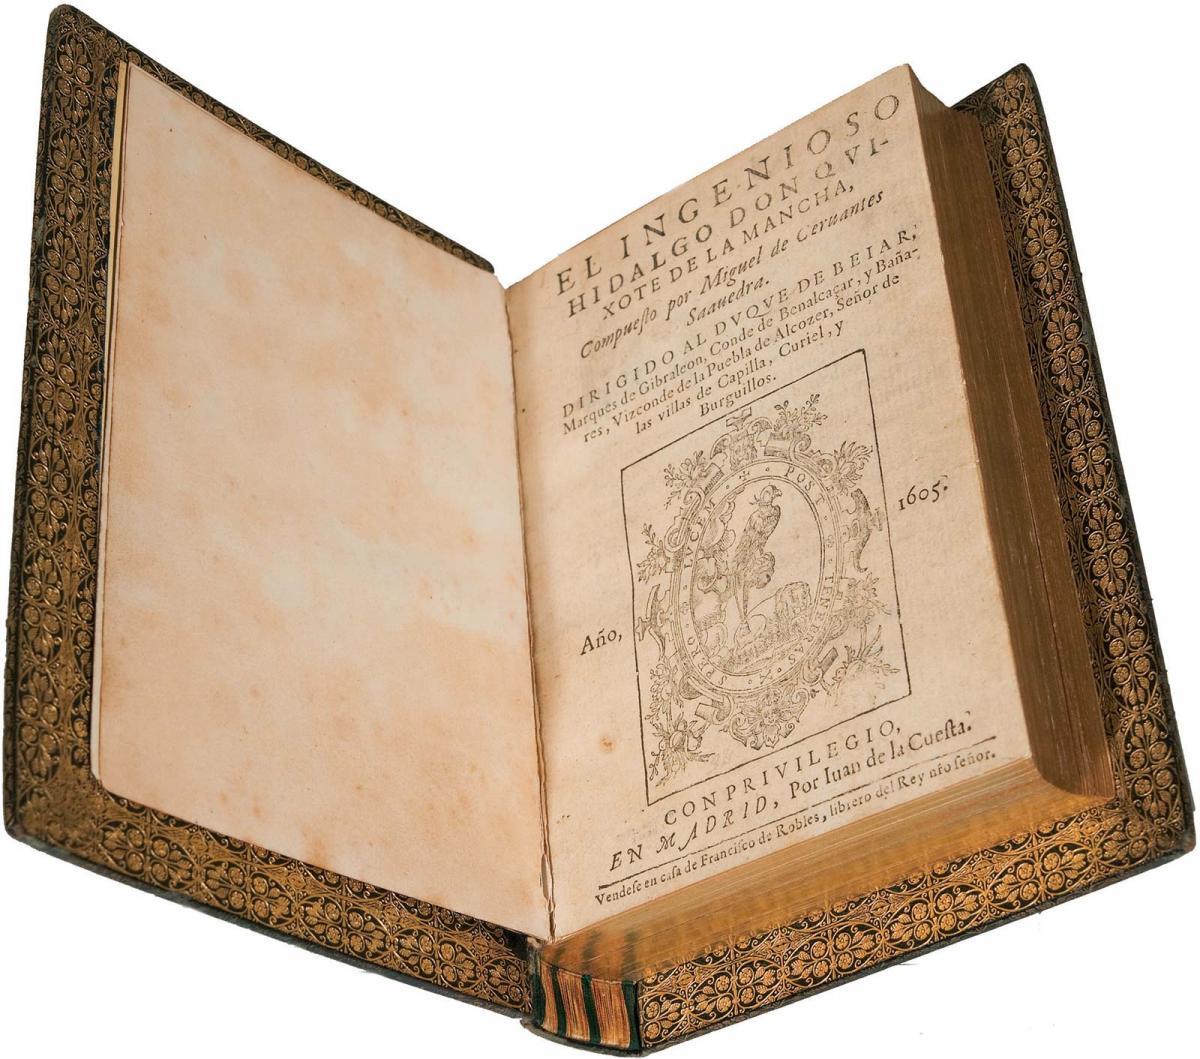 В этот день в 1605 году впервые был опубликован роман Сервантеса «Дон Кихот» / фото britannica.com